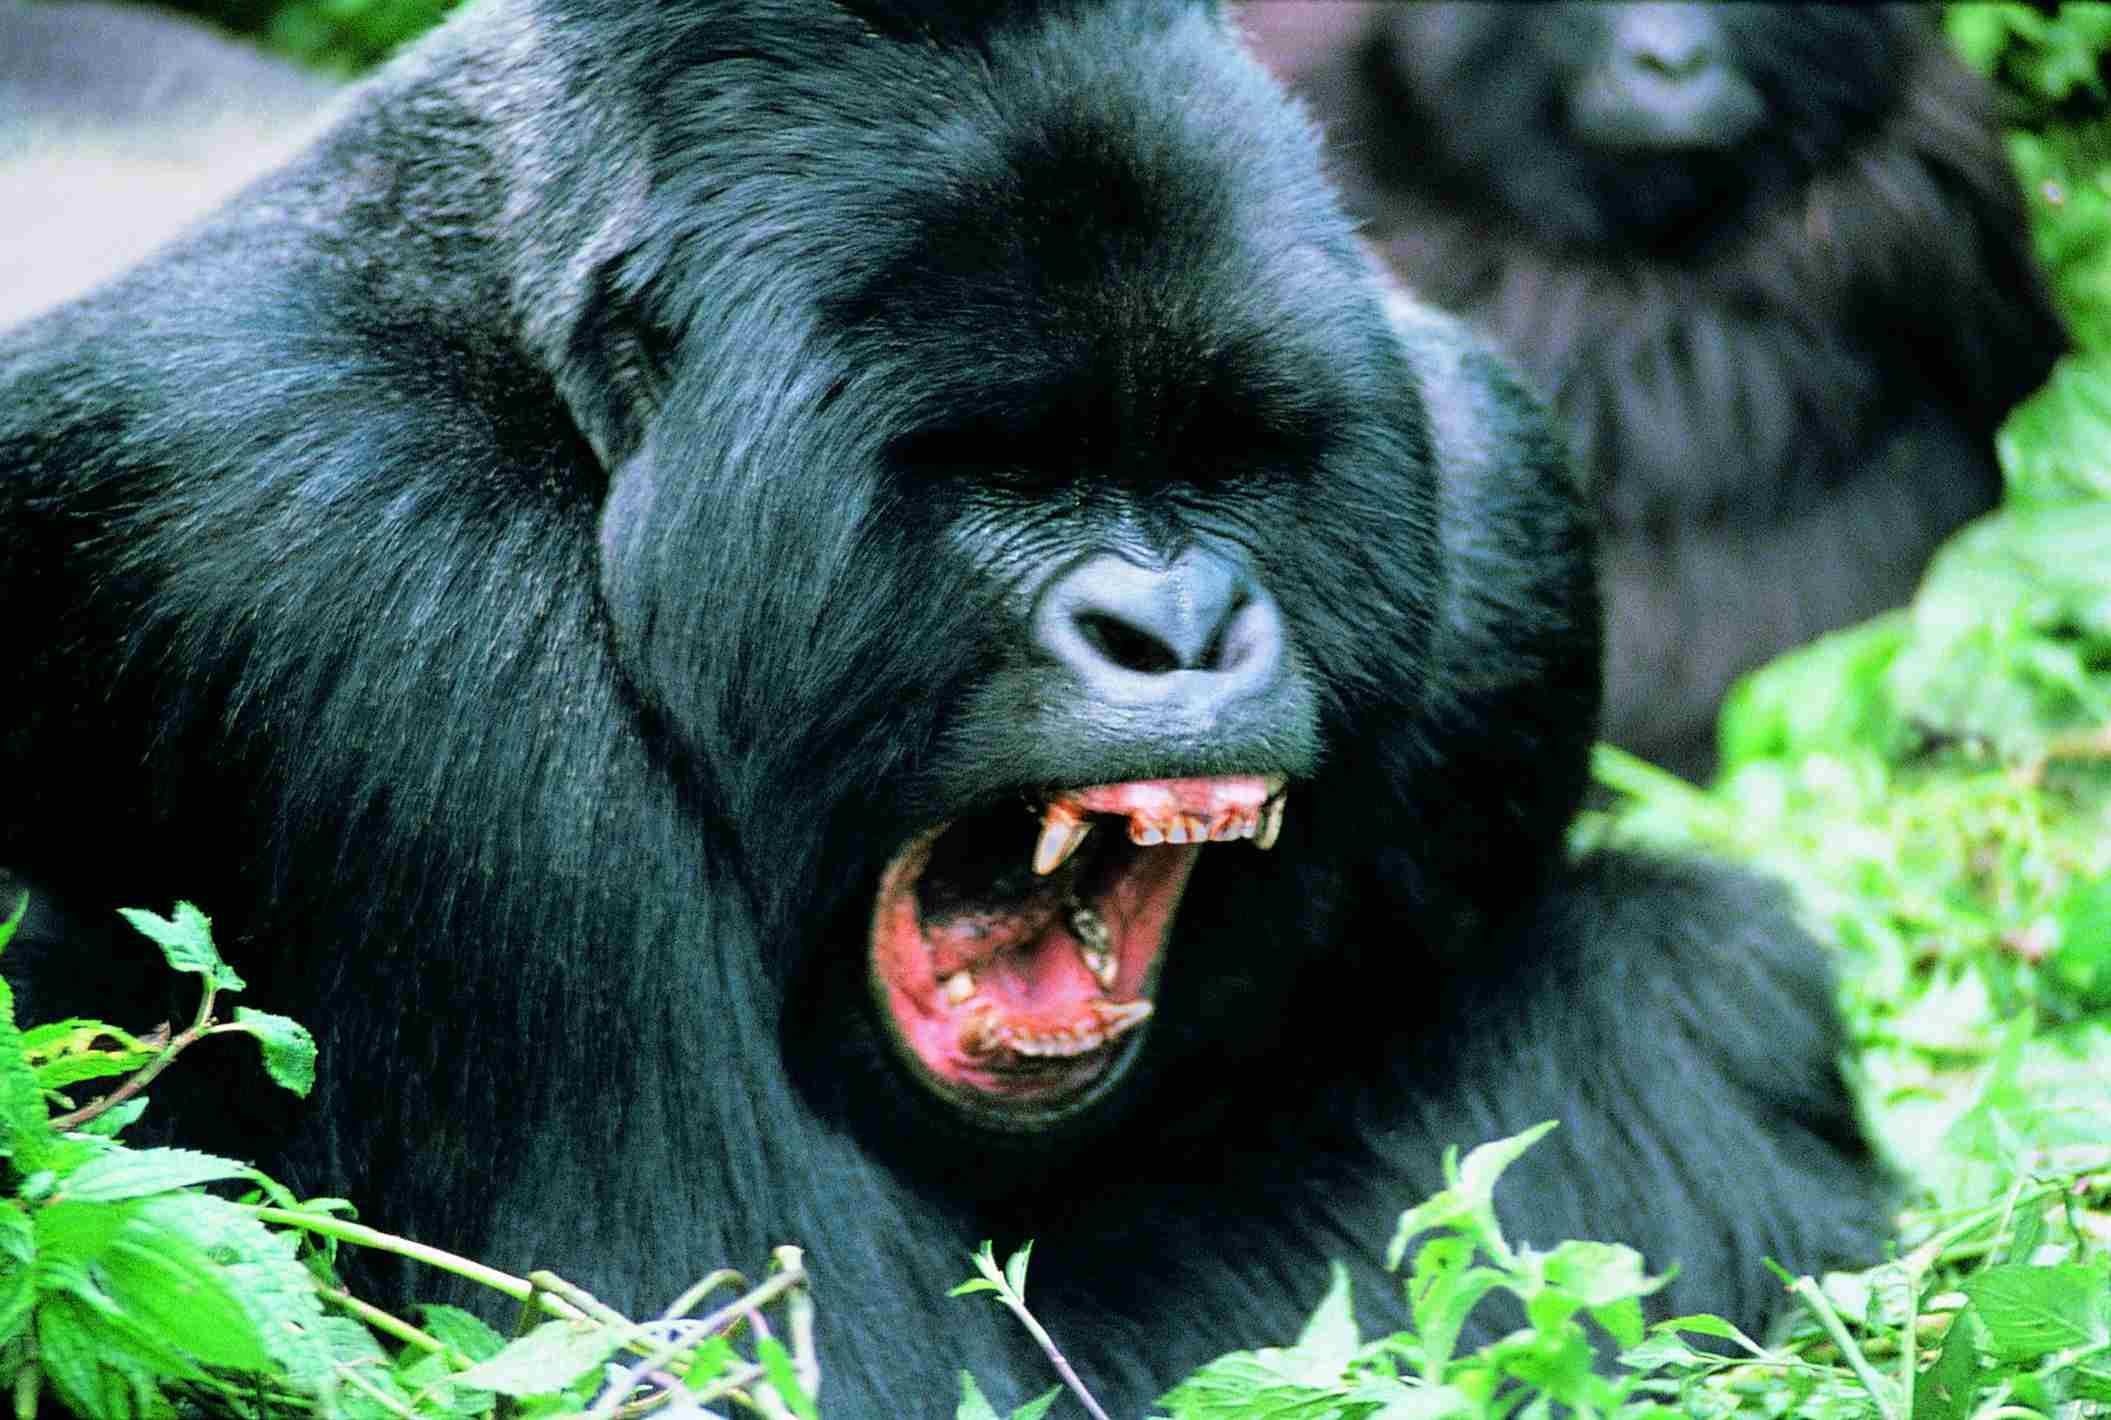 Gorilla posturing